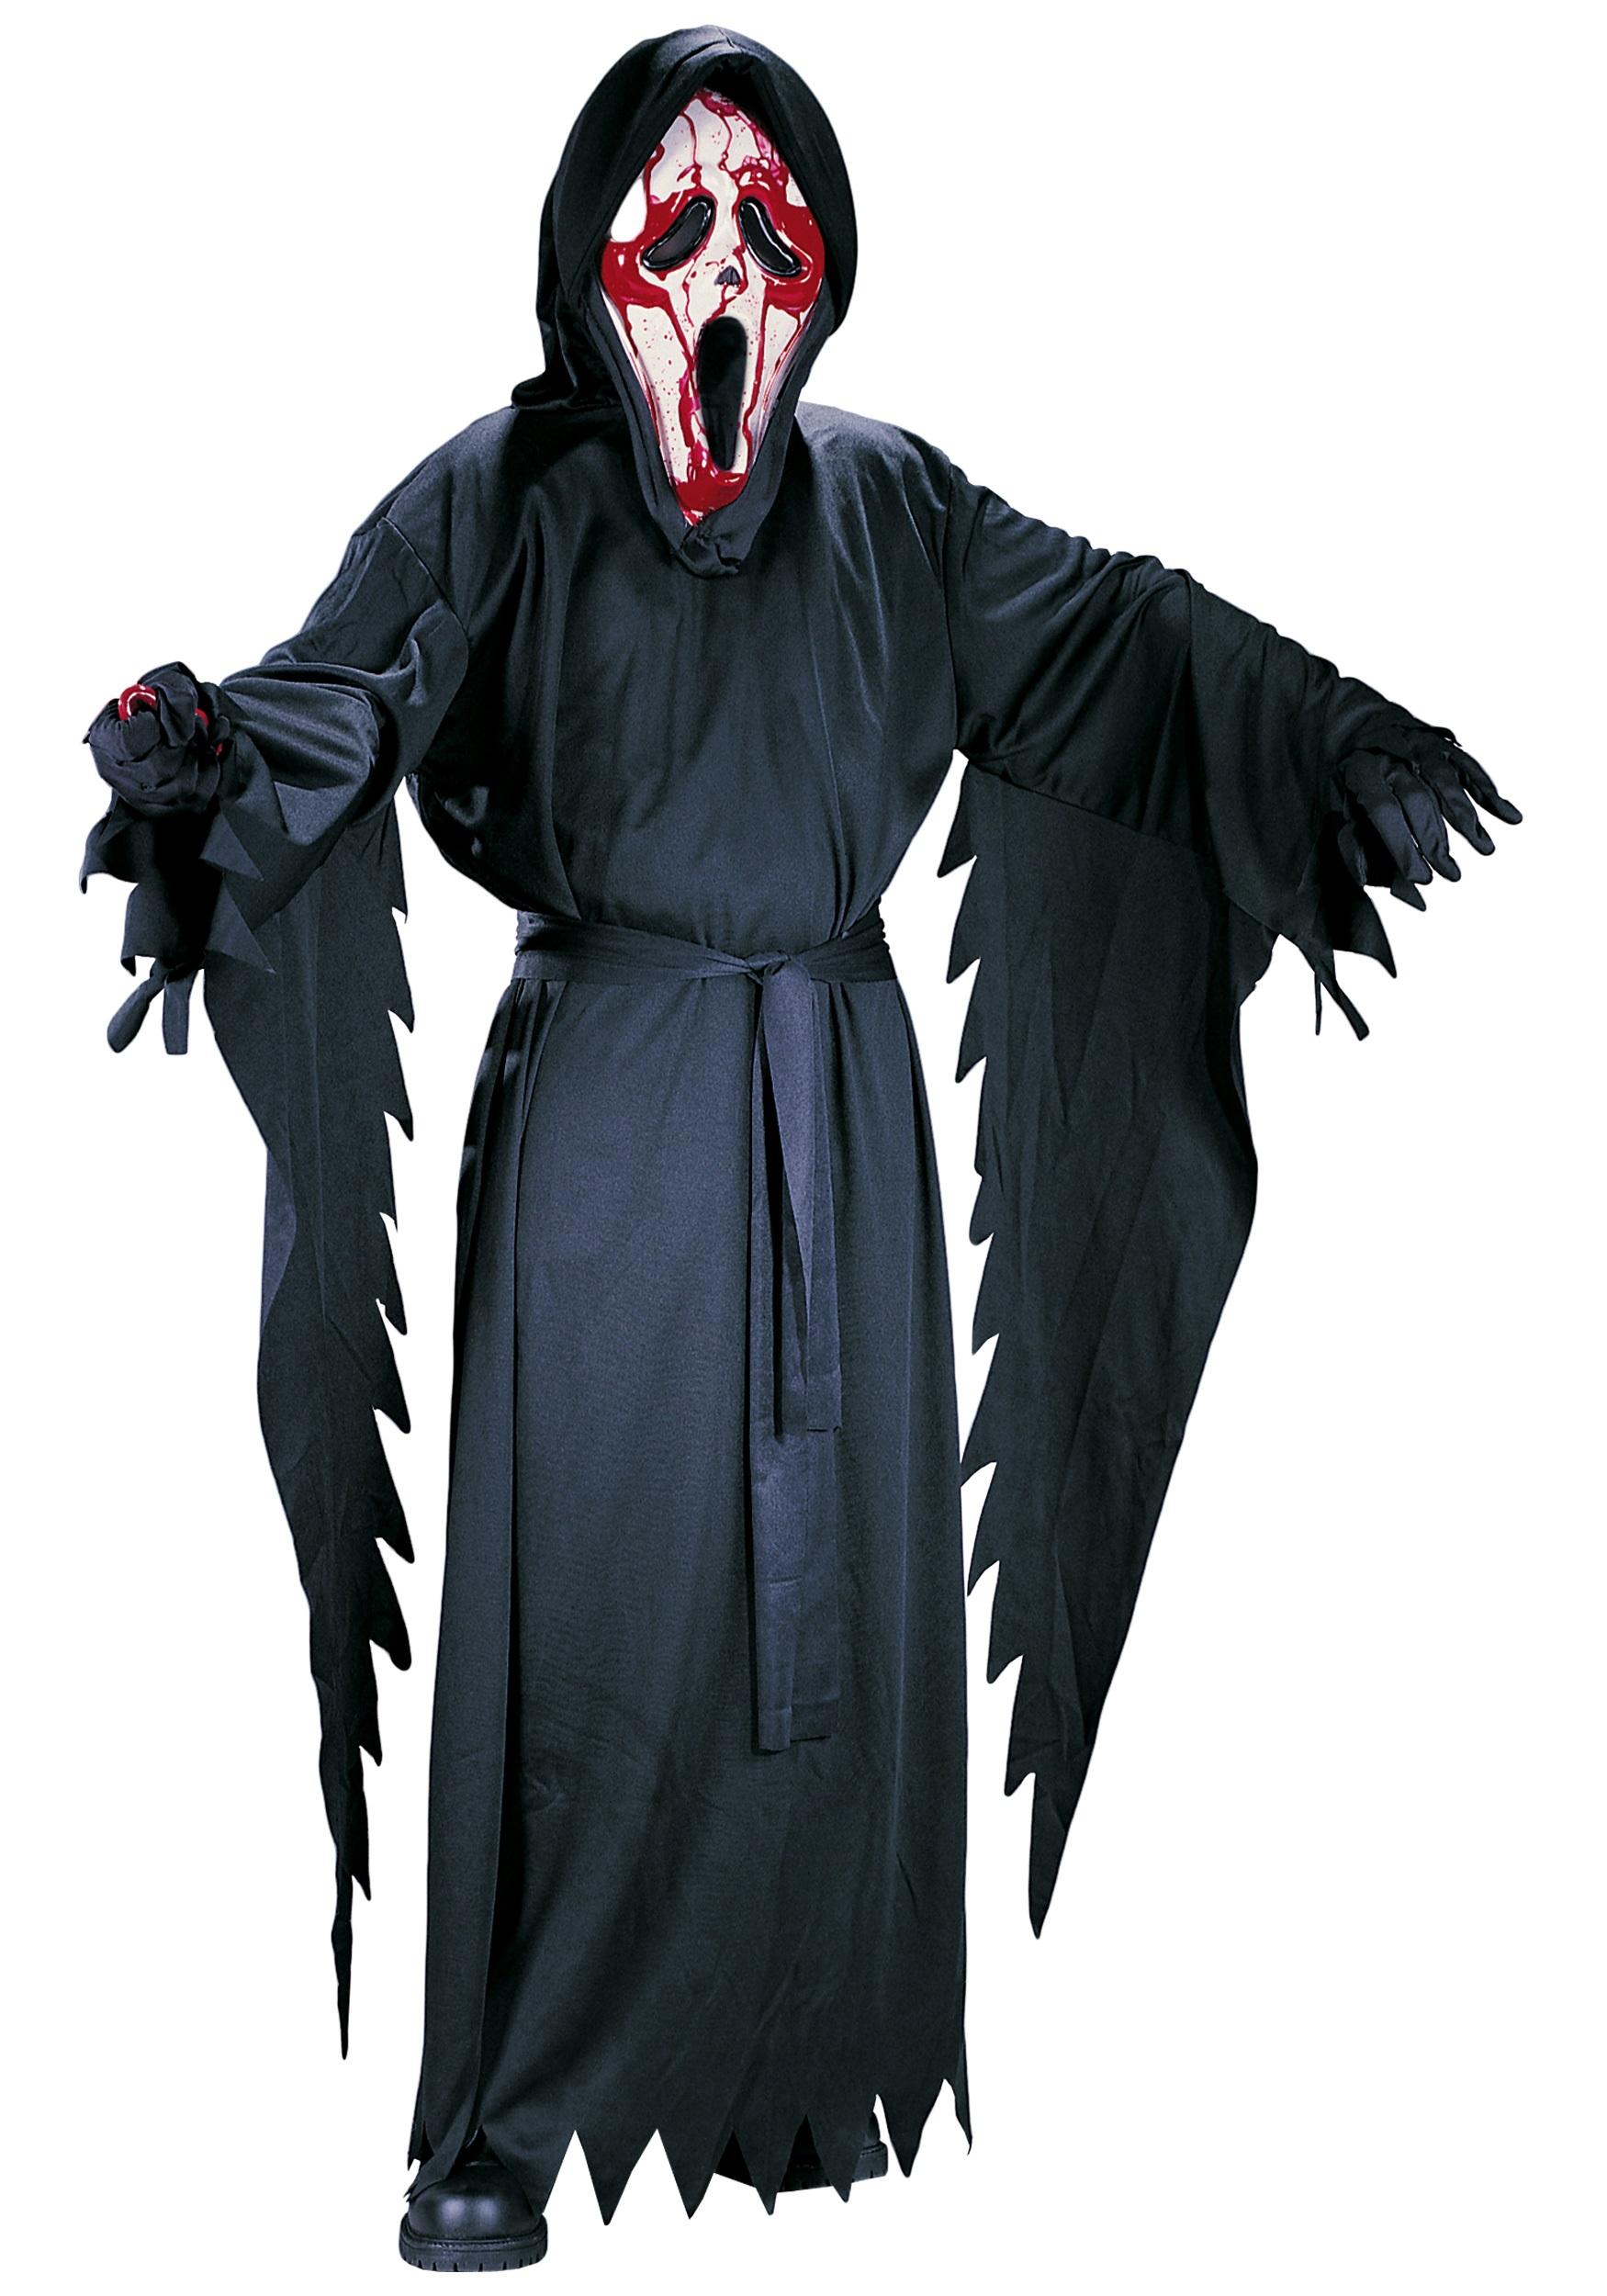 Хэллоуин картинки костюмы